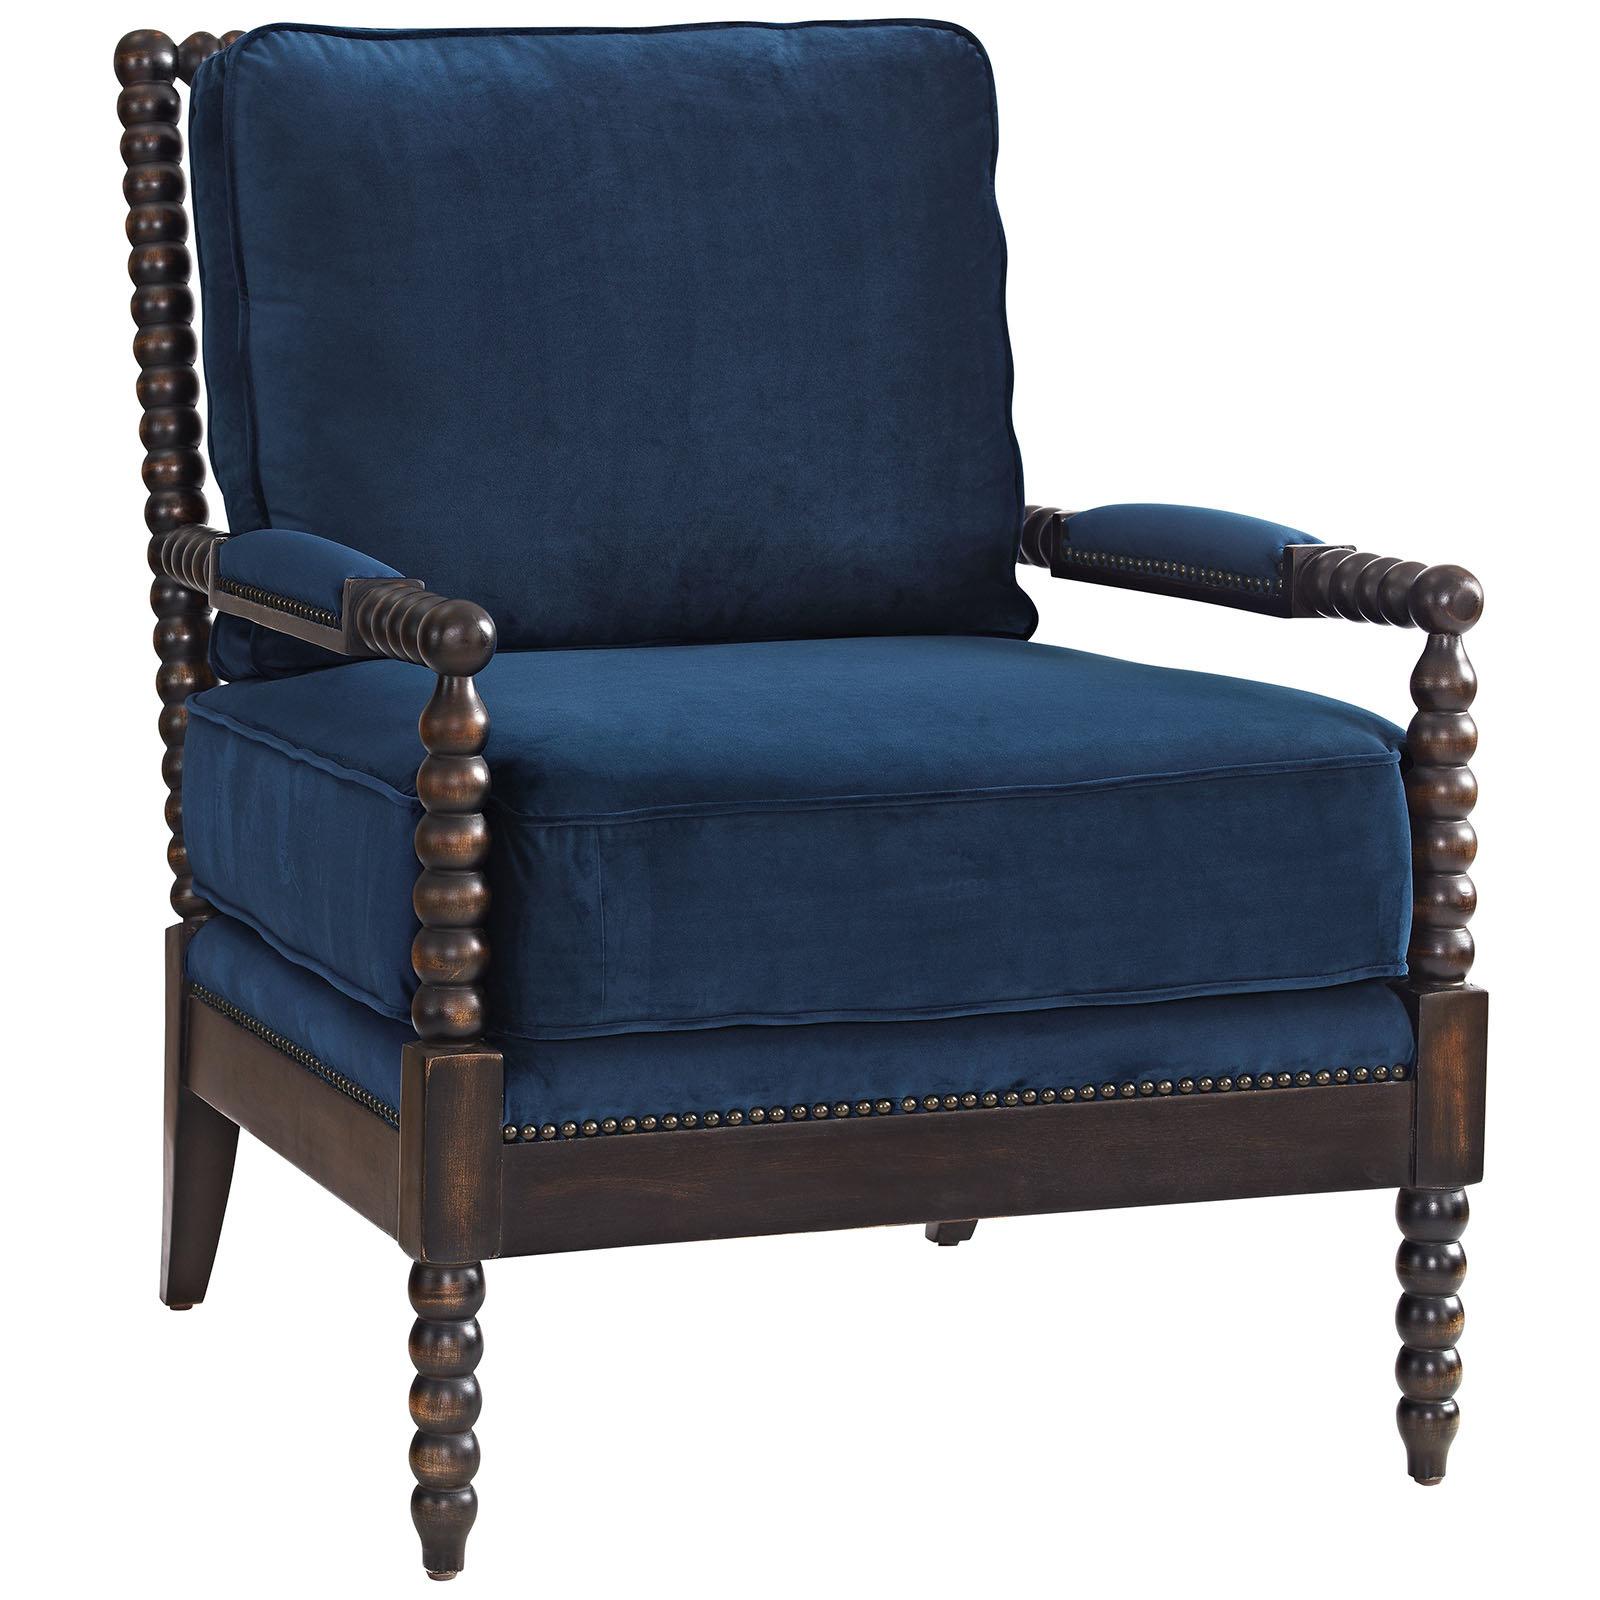 Darby Home Co Areyanna Armchair | Wayfair for Katrina Blue Swivel Glider Chairs